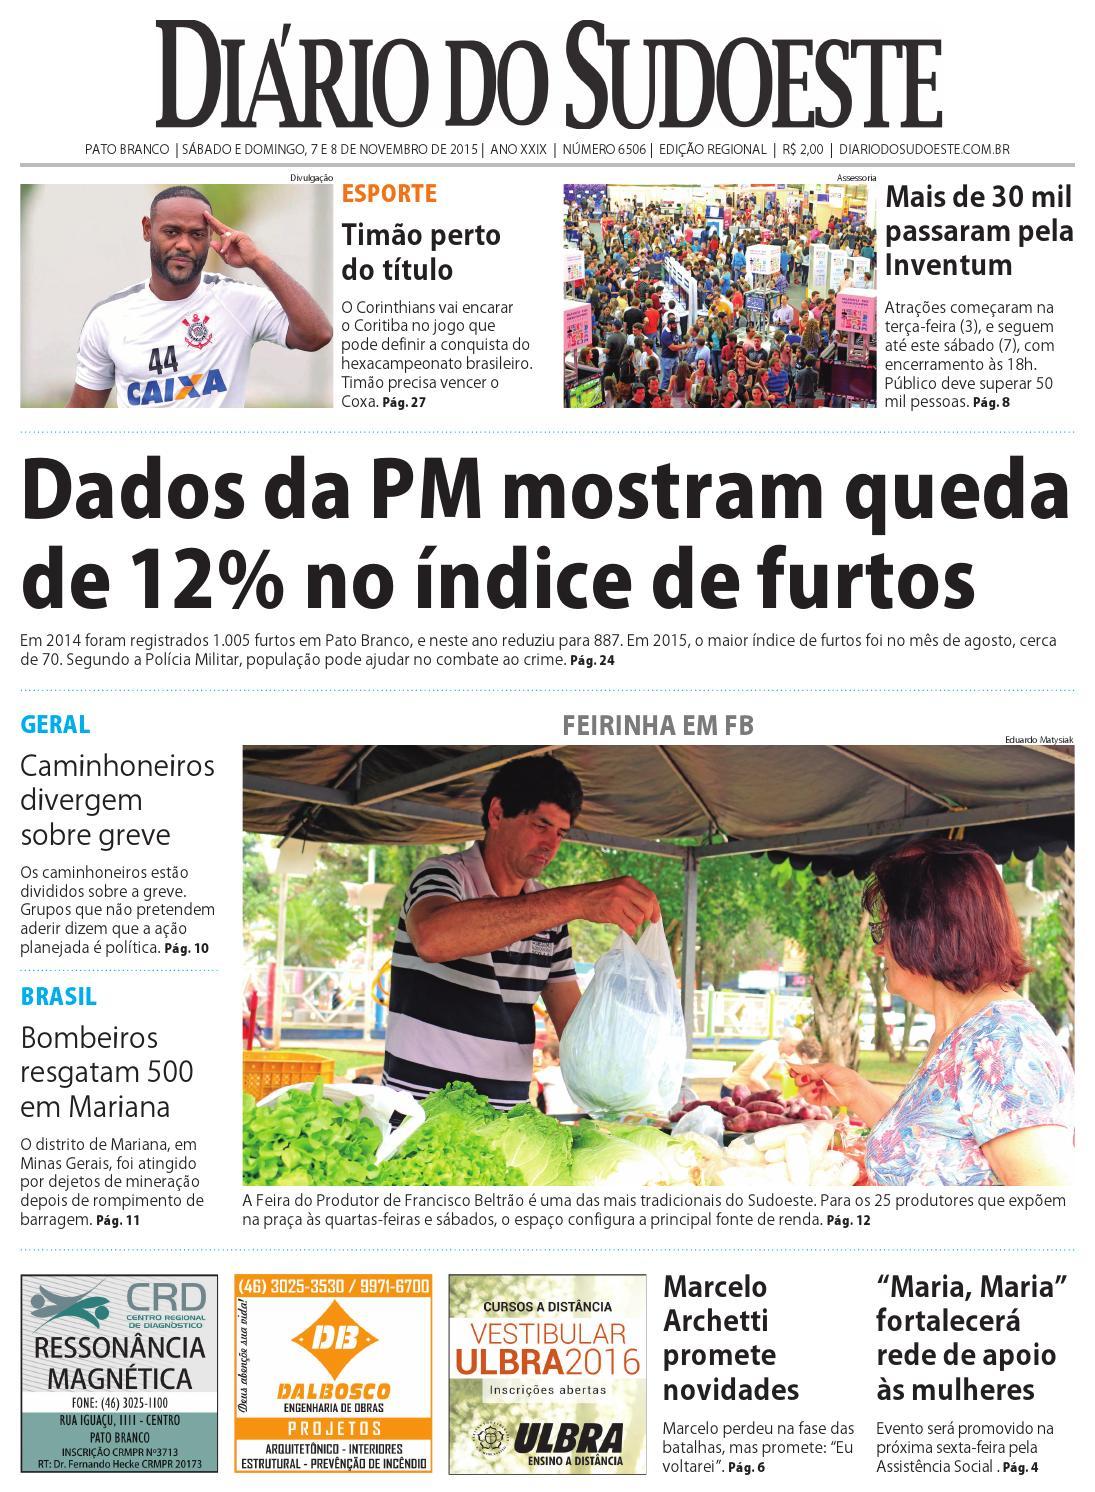 bb4a1012f485c Diário do sudoeste 7 e 8 de novembro de 2015 ed 6506 by Diário do Sudoeste  - issuu